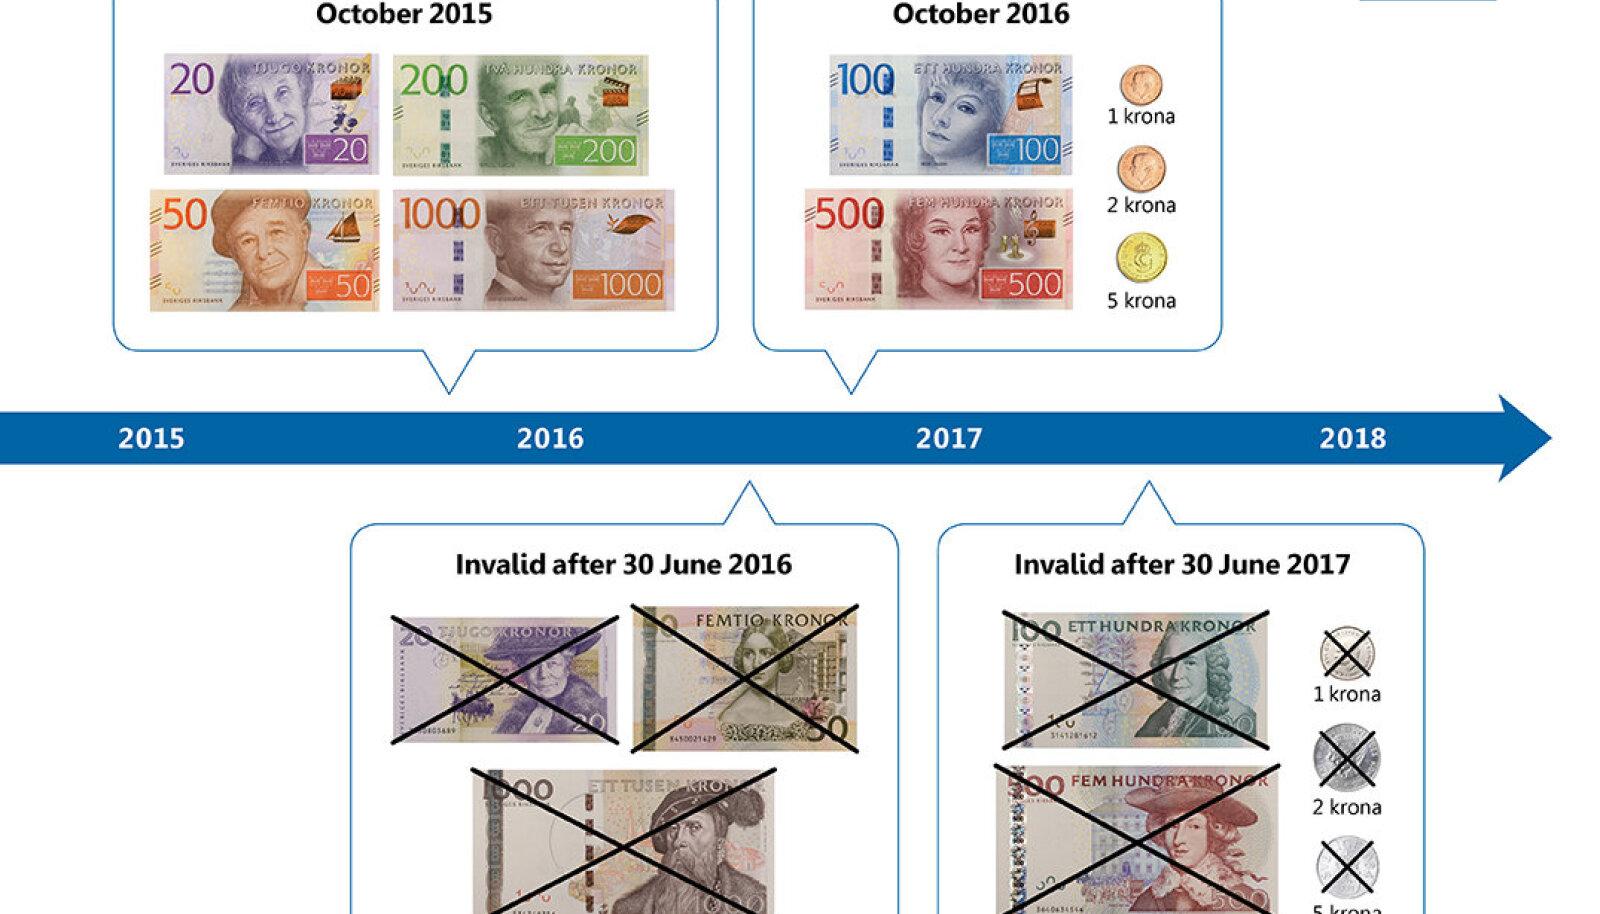 Rootsi rahade ringivahetuse tähtajad